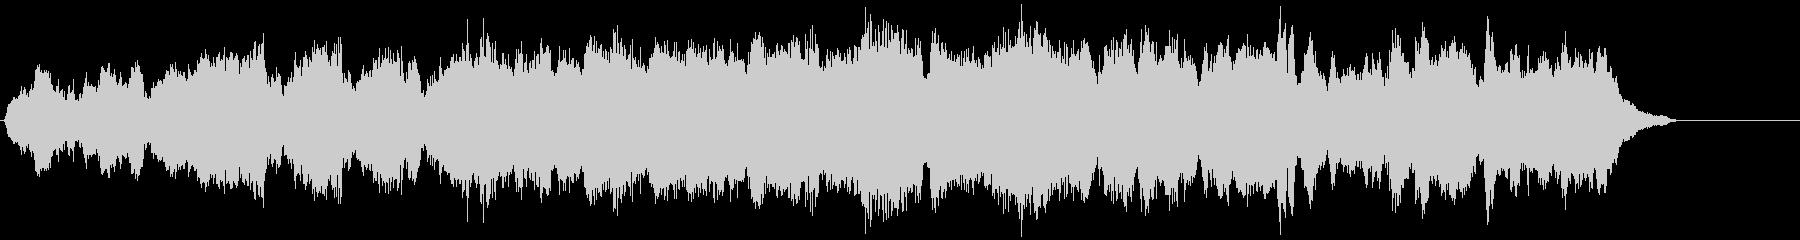 シンプルなストリングスBGMの未再生の波形